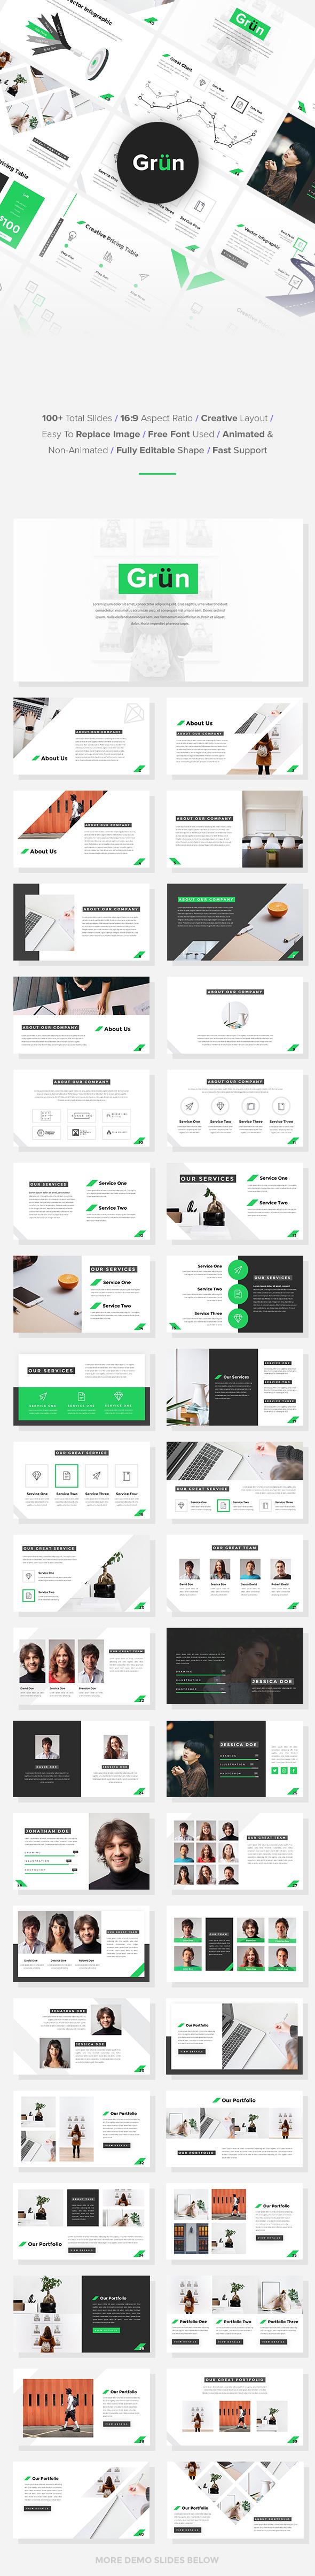 Grun - Business PowerPoint Template - Business PowerPoint Templates